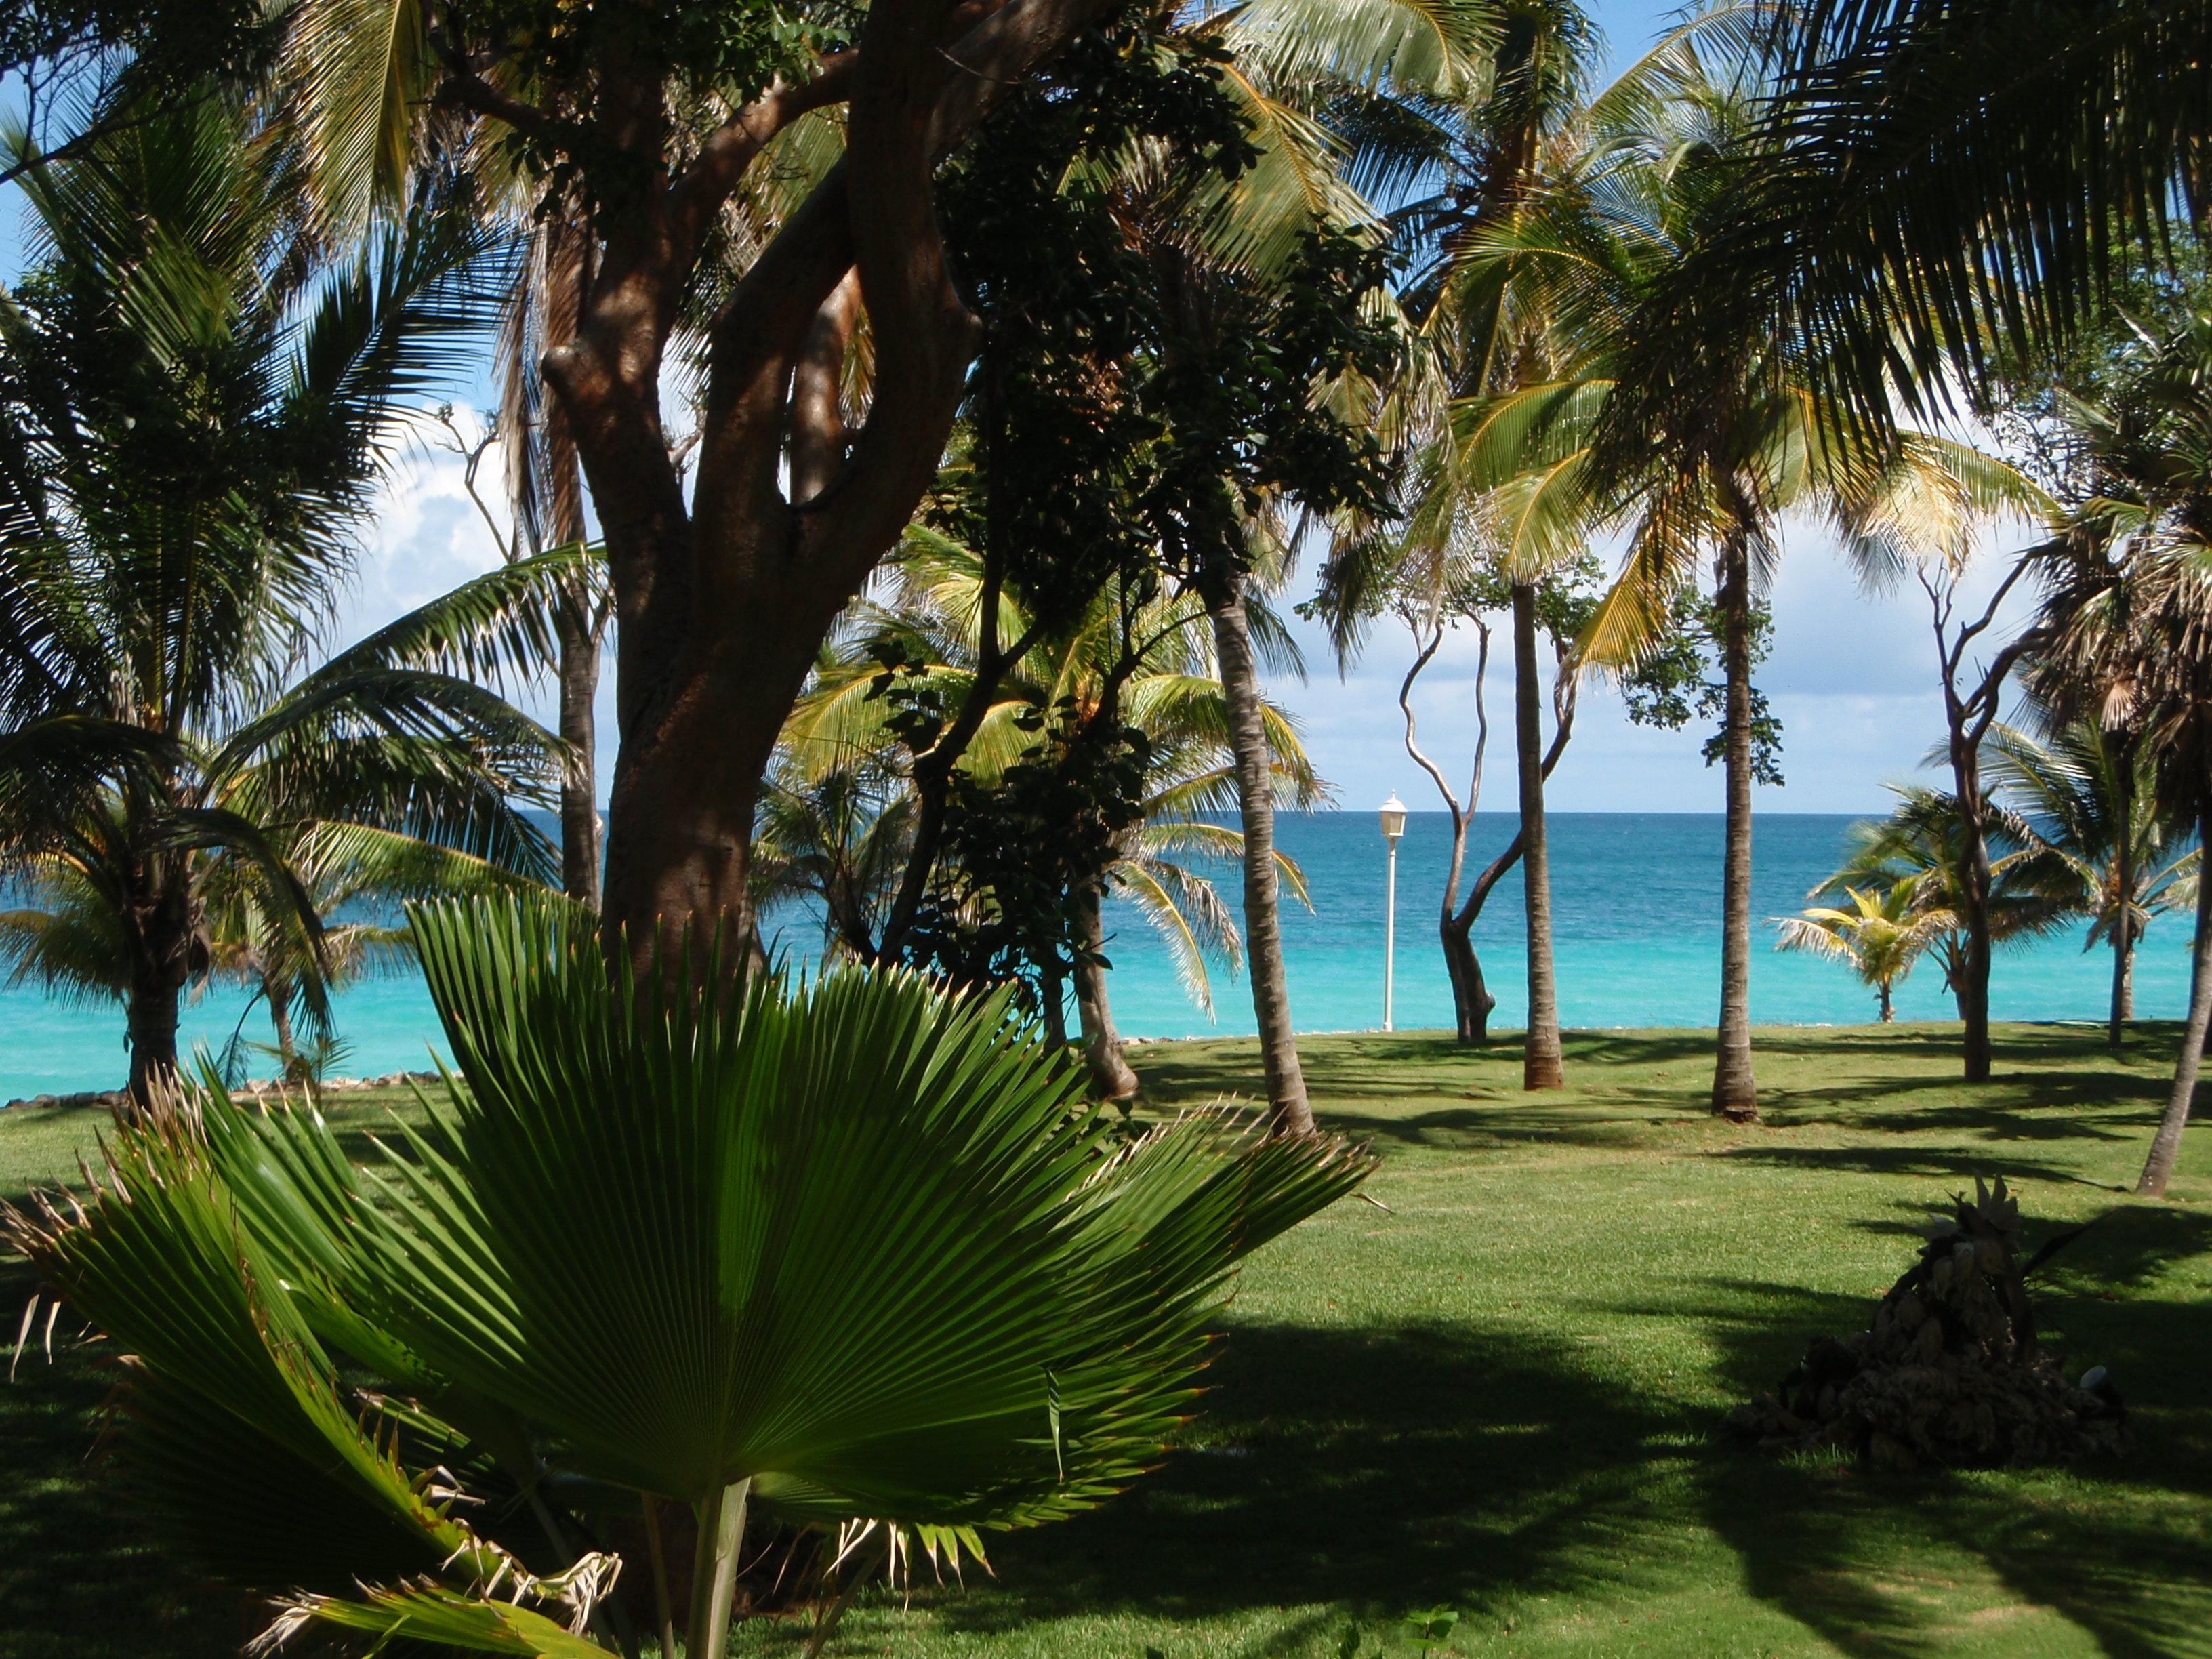 Séminaire et incentive à Cuba